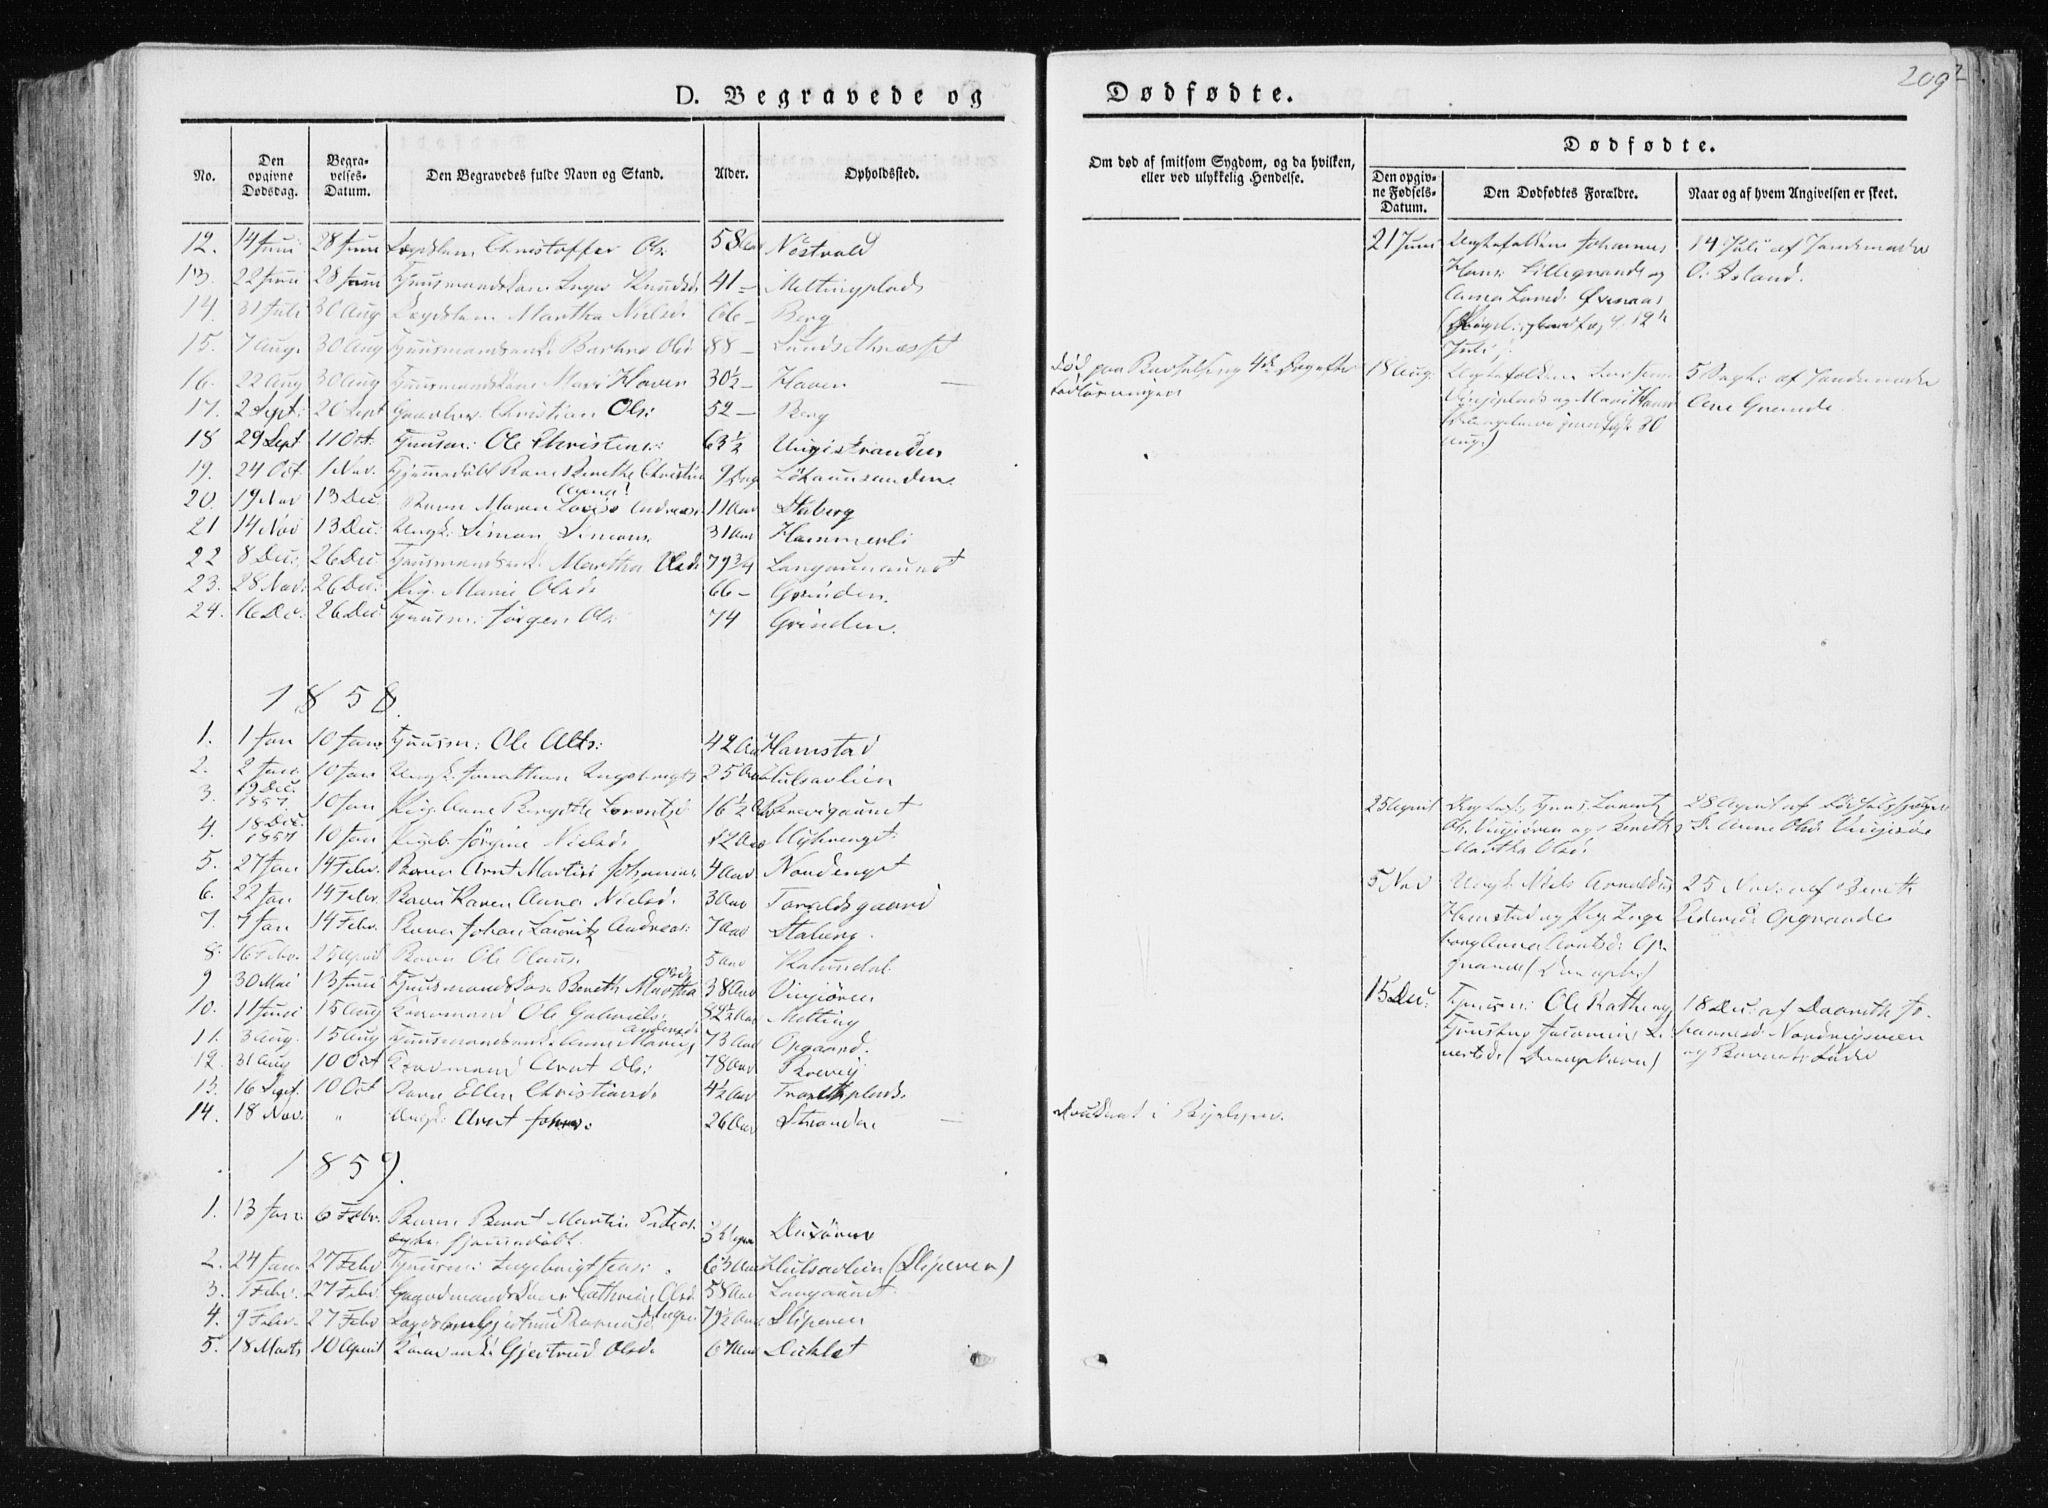 SAT, Ministerialprotokoller, klokkerbøker og fødselsregistre - Nord-Trøndelag, 733/L0323: Ministerialbok nr. 733A02, 1843-1870, s. 209